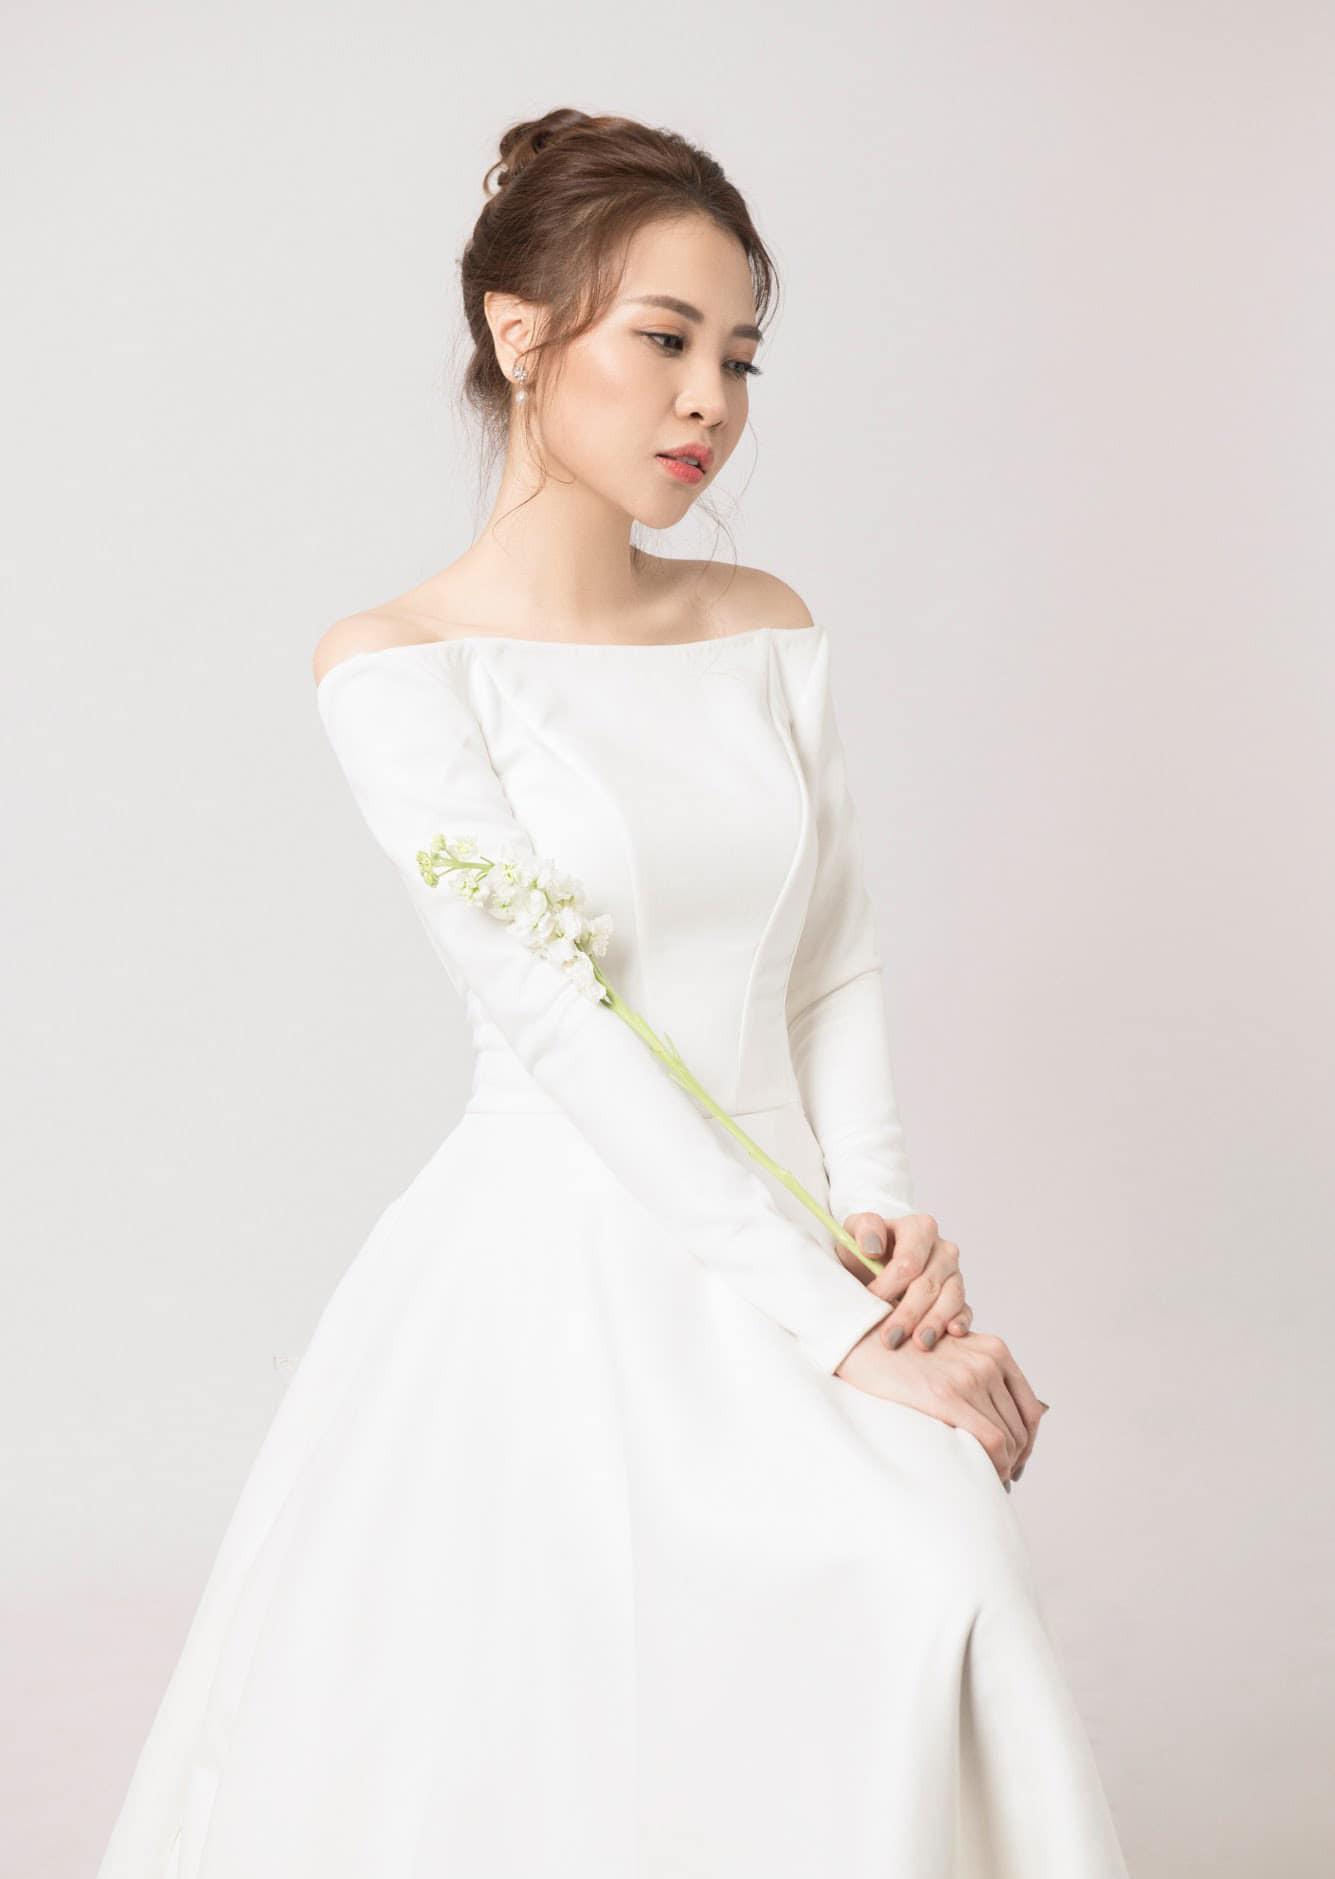 Đàm Thu Trang diện váy cưới lộng lẫy, khoe vẻ đẹp mong manh trước ngày về chung nhà với Cường Đô La - Ảnh 1.